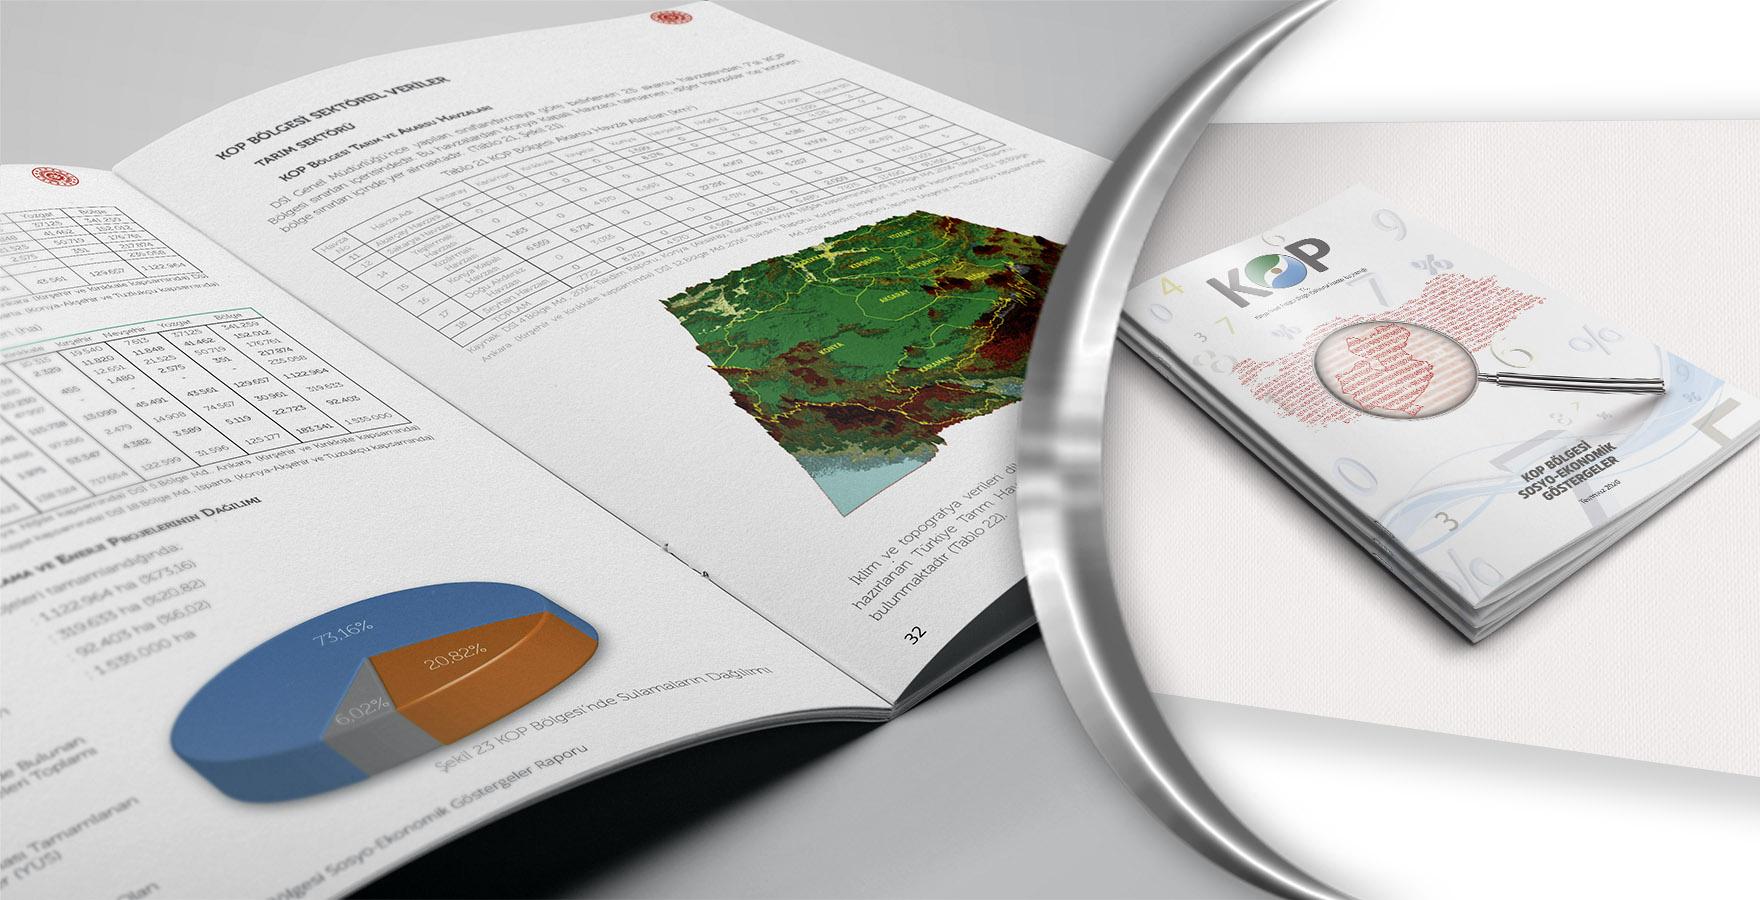 KOP Bölgesi Sosyo-Ekonomik Göstergeler Raporu Yayınlandı